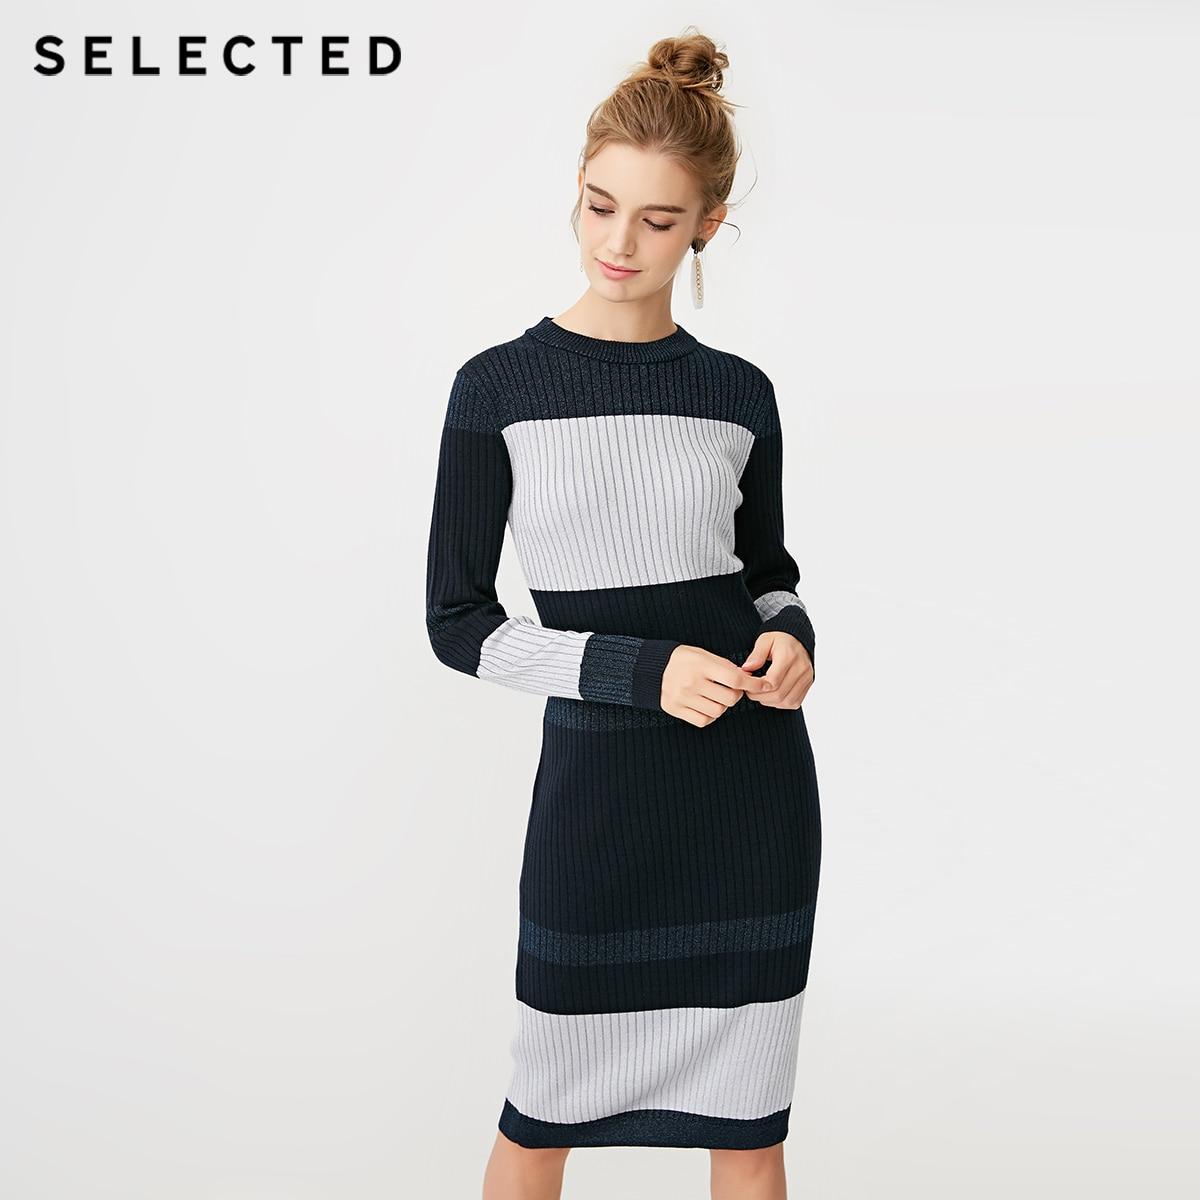 اختيار ، blackrock جديد الإناث مخطط مستقيم طويل الحياكة فستان بأكمام طويلة S  418446504-في فساتين من ملابس نسائية على  مجموعة 1